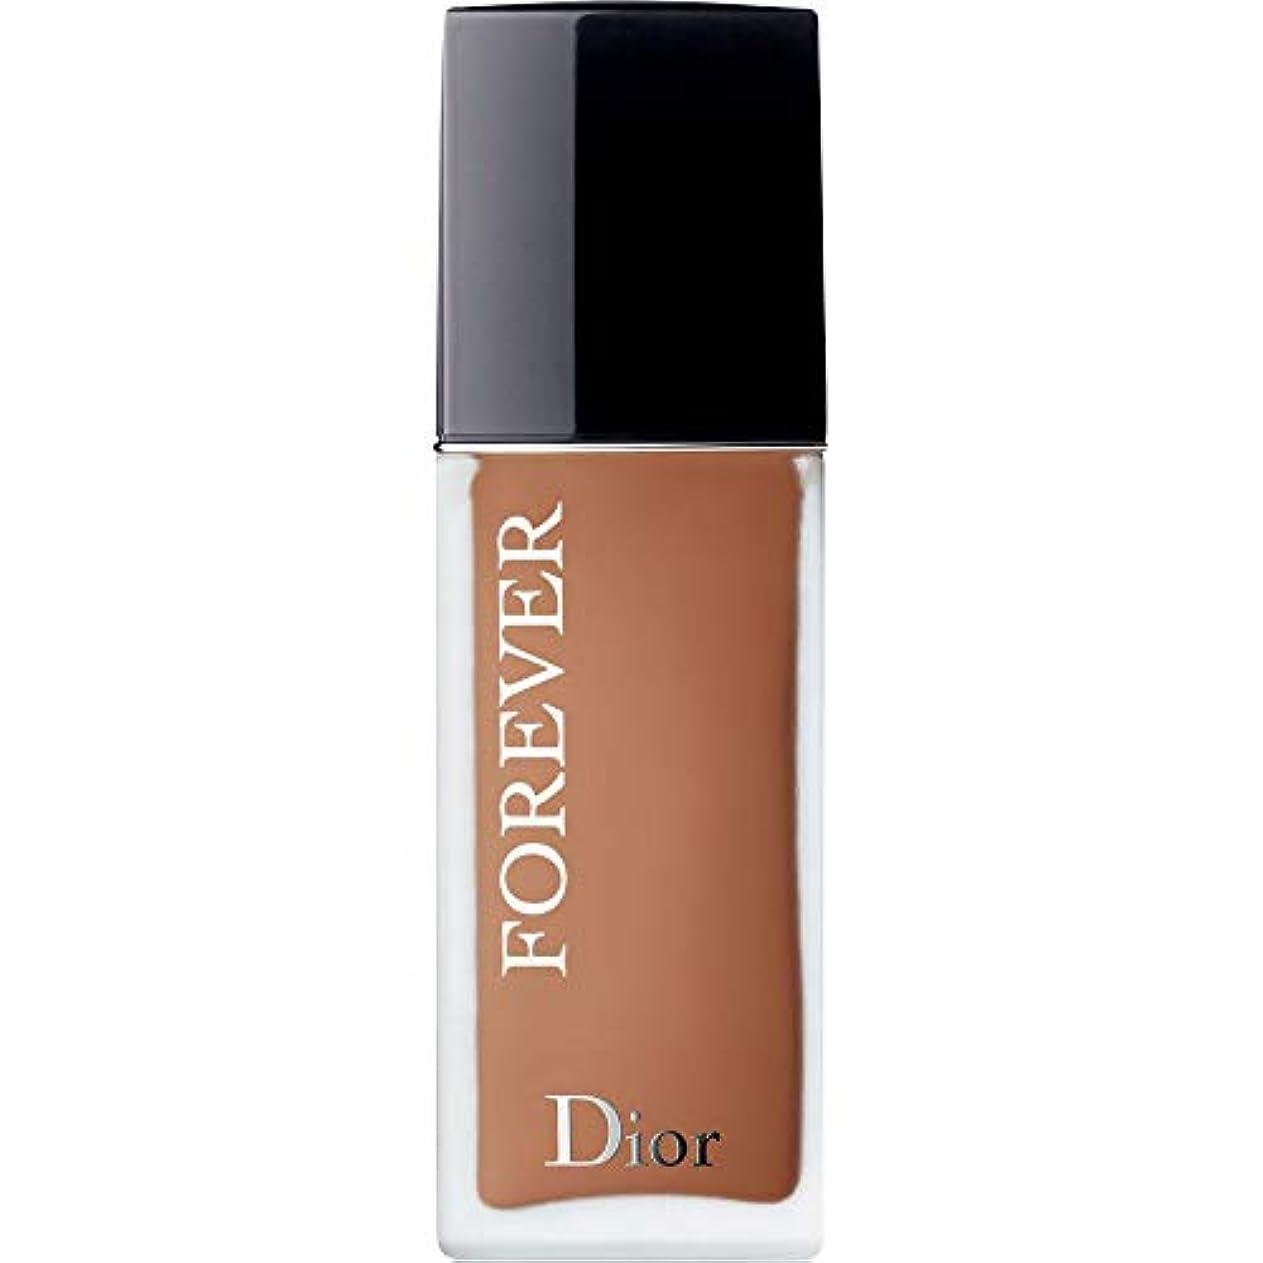 間接的平等仕方[Dior ] ディオール永遠皮膚思いやりの基盤Spf35 30ミリリットルの5N - ニュートラル(つや消し) - DIOR Forever Skin-Caring Foundation SPF35 30ml 5N -...